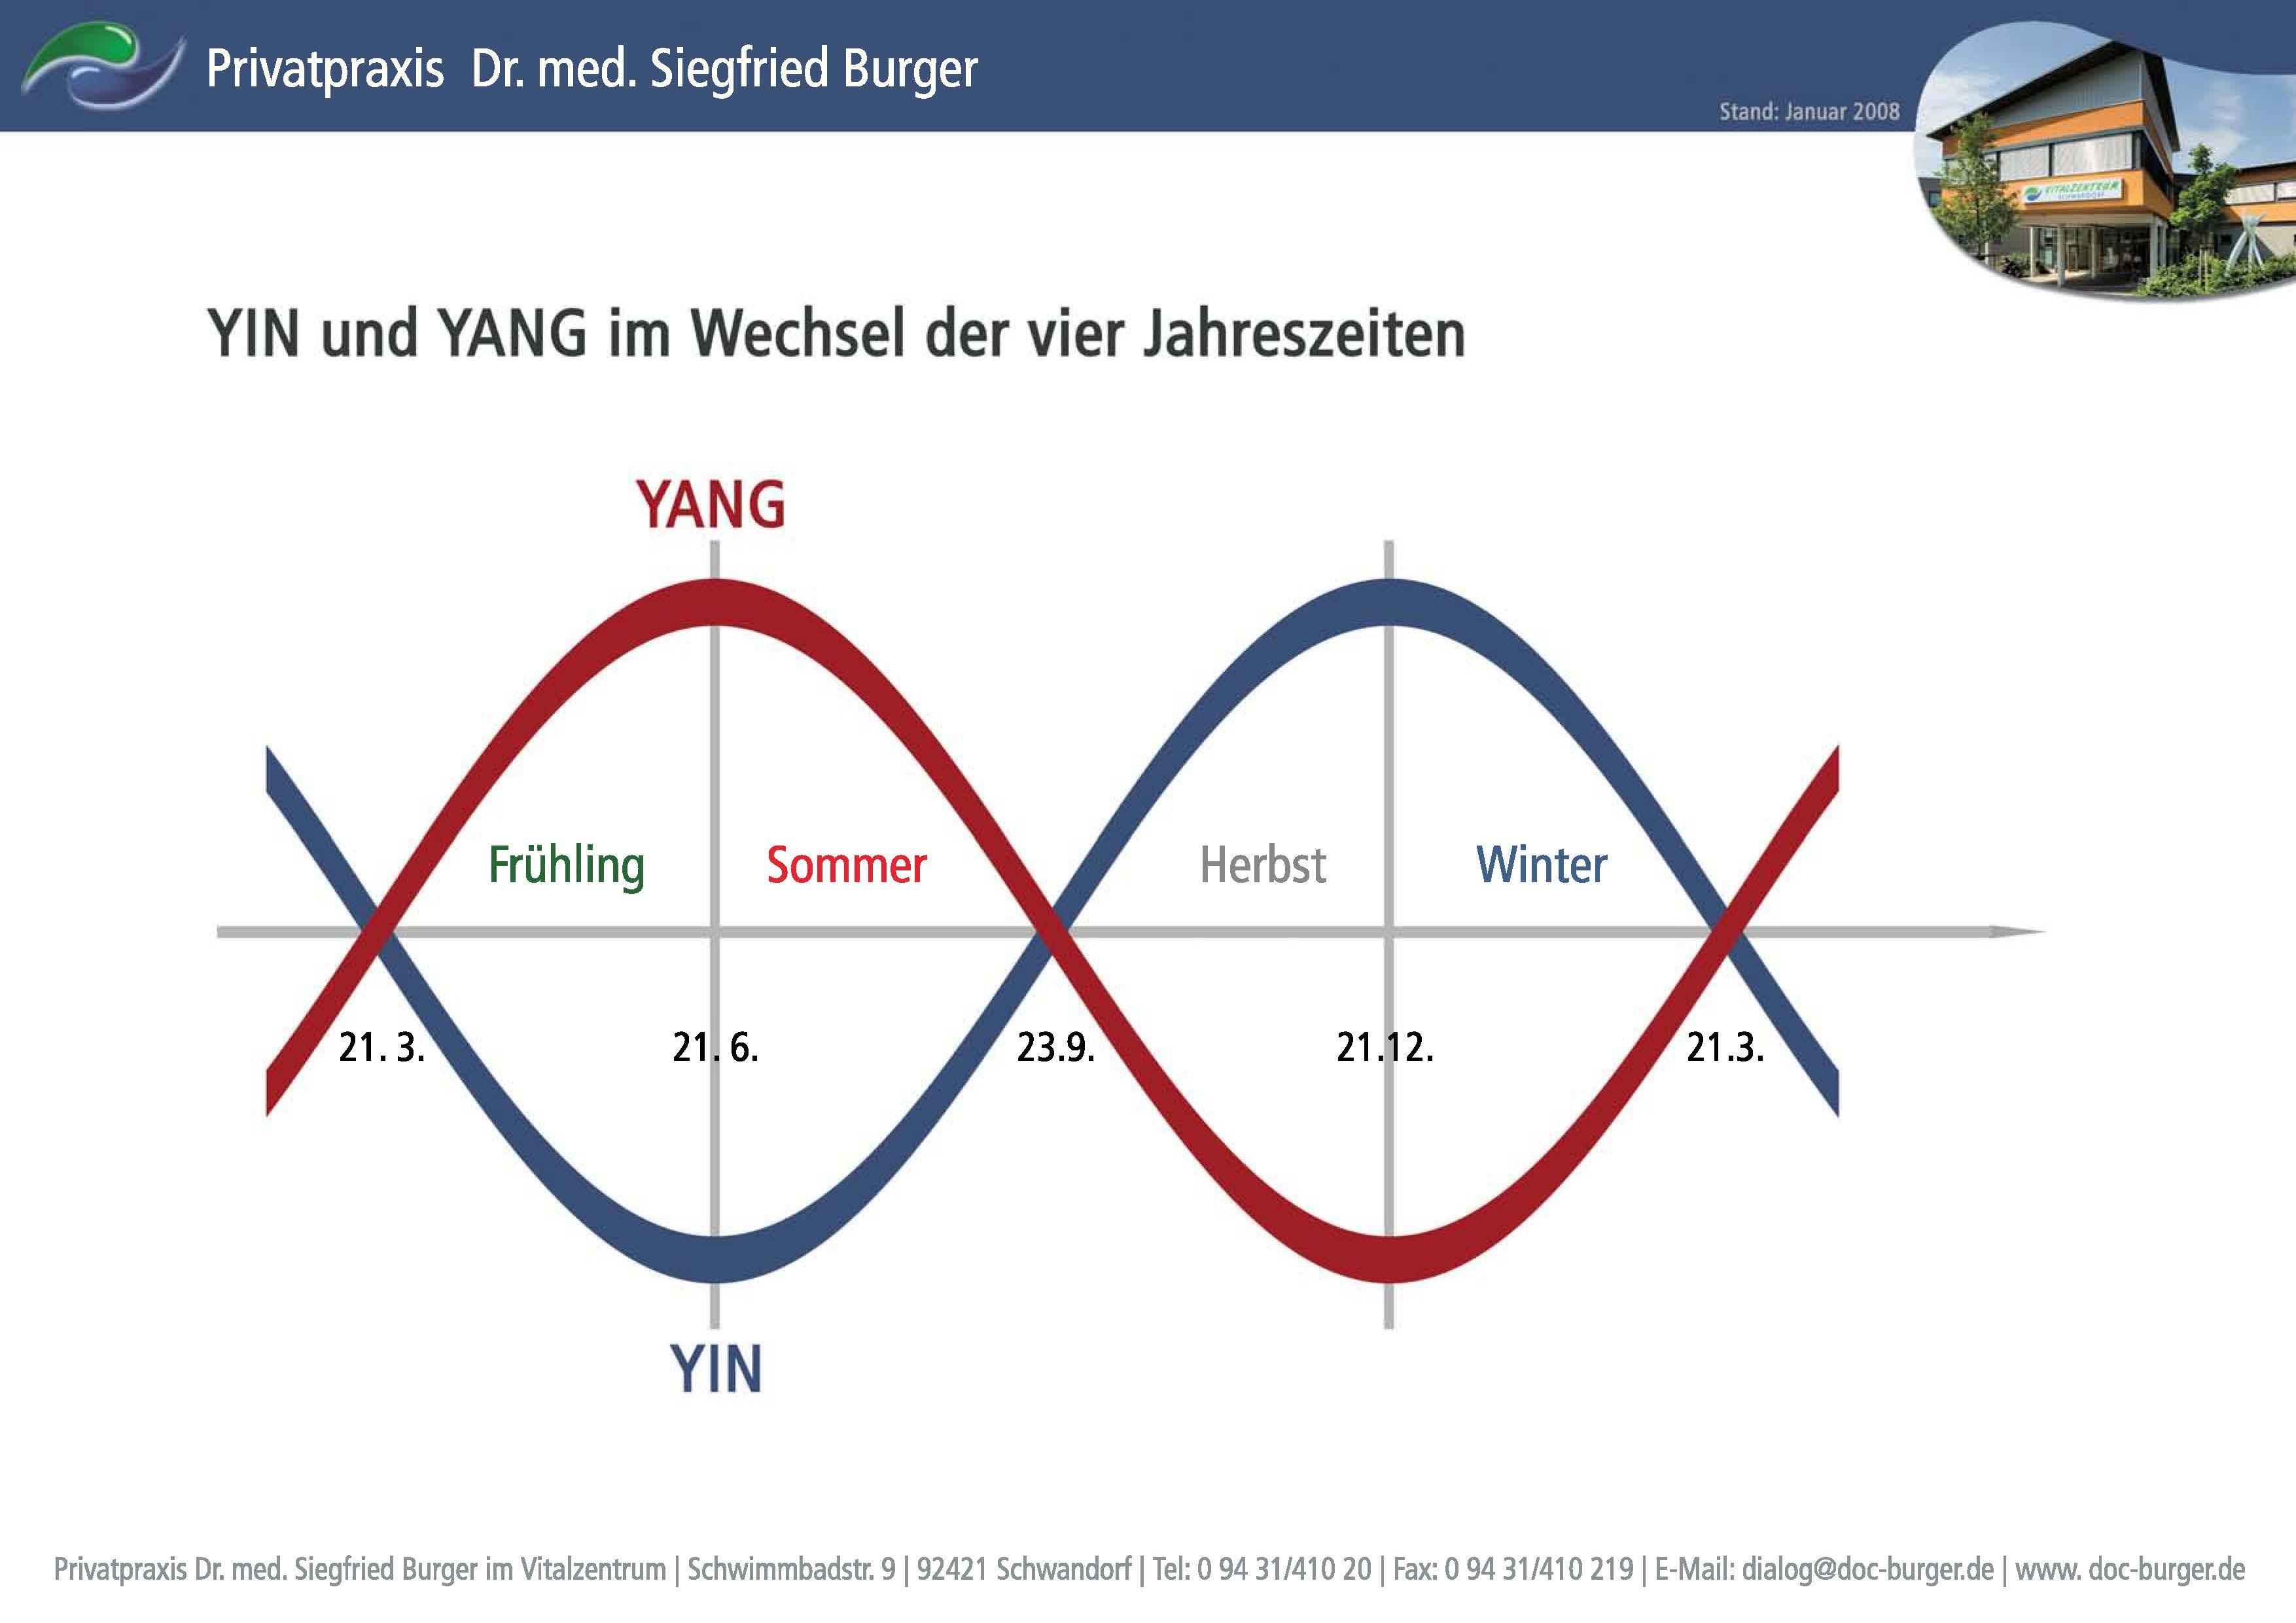 yin und yang im wechsel der vier jahreszeiten orthop de schwandorf privatarztpraxis dr burger. Black Bedroom Furniture Sets. Home Design Ideas